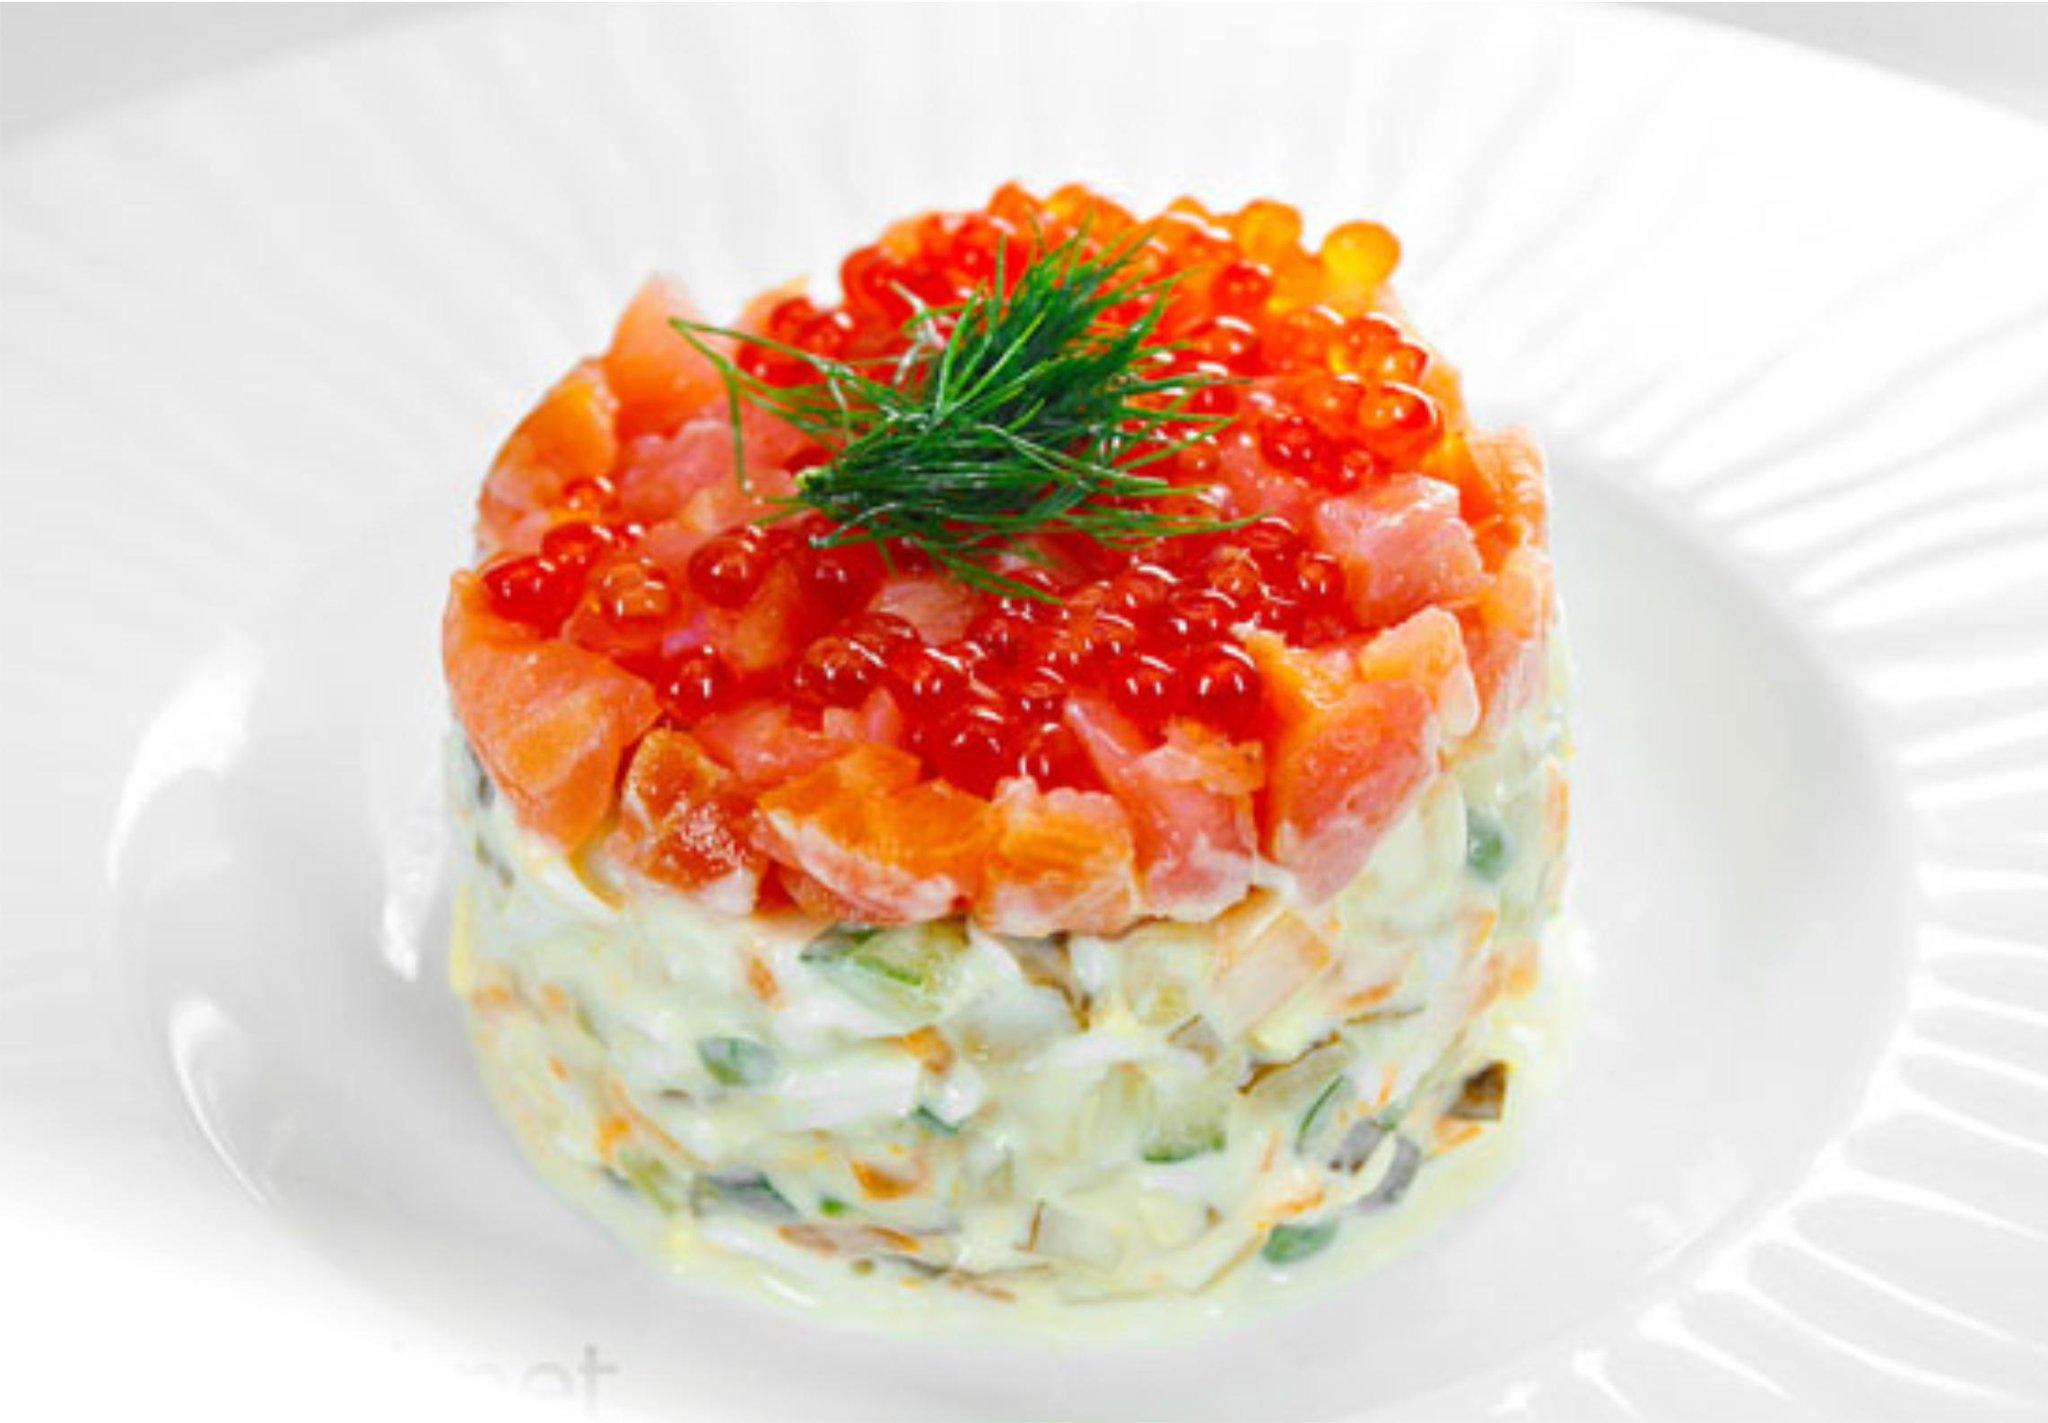 праздничный салат из красной рыбы с фото нас трактор скосил